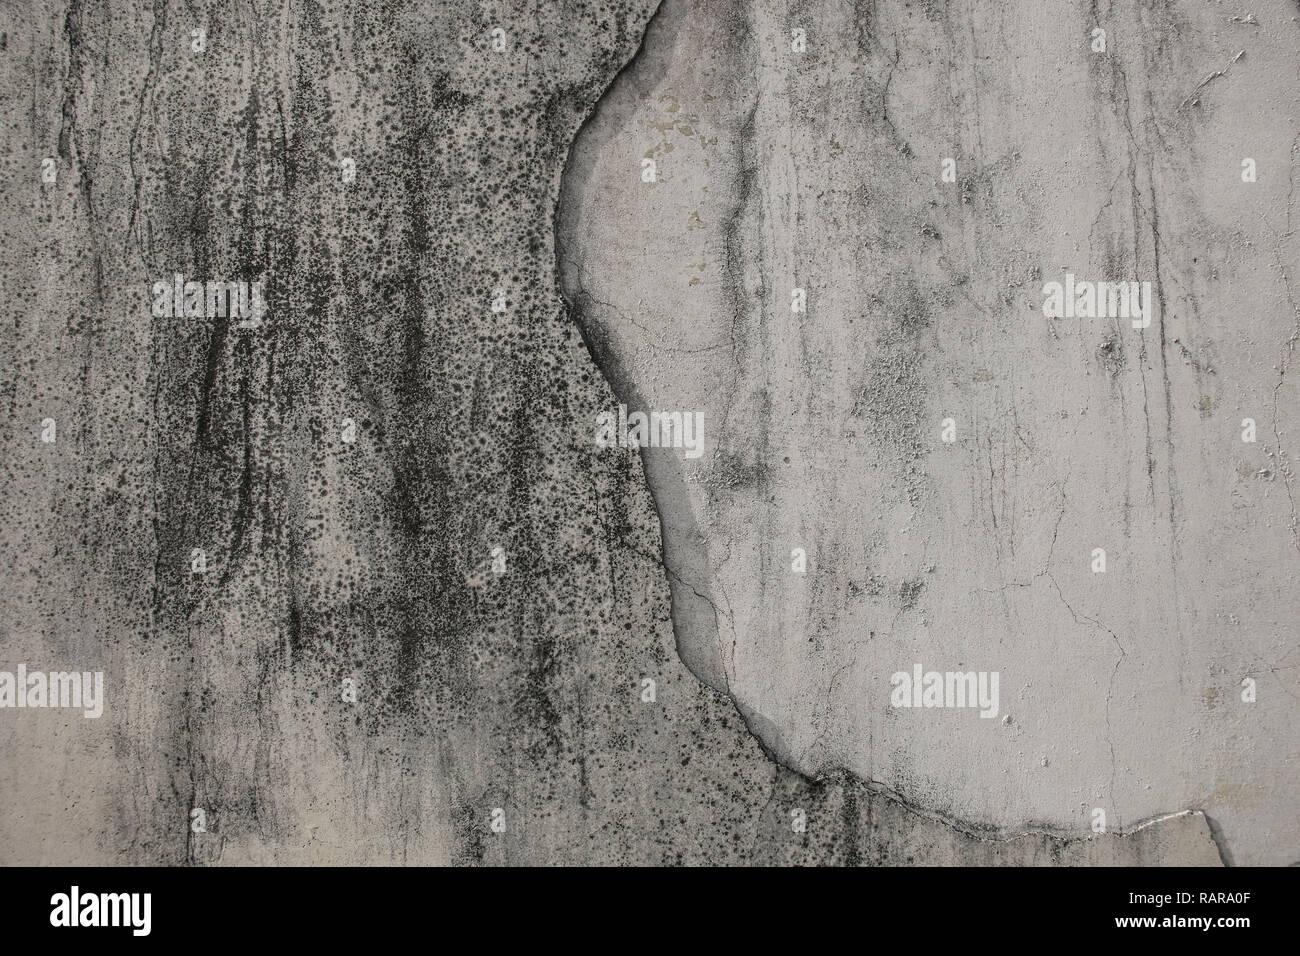 Pittura Effetto Intonaco Invecchiato bianco-grigio intonaco con delle macchie nere sulla parete